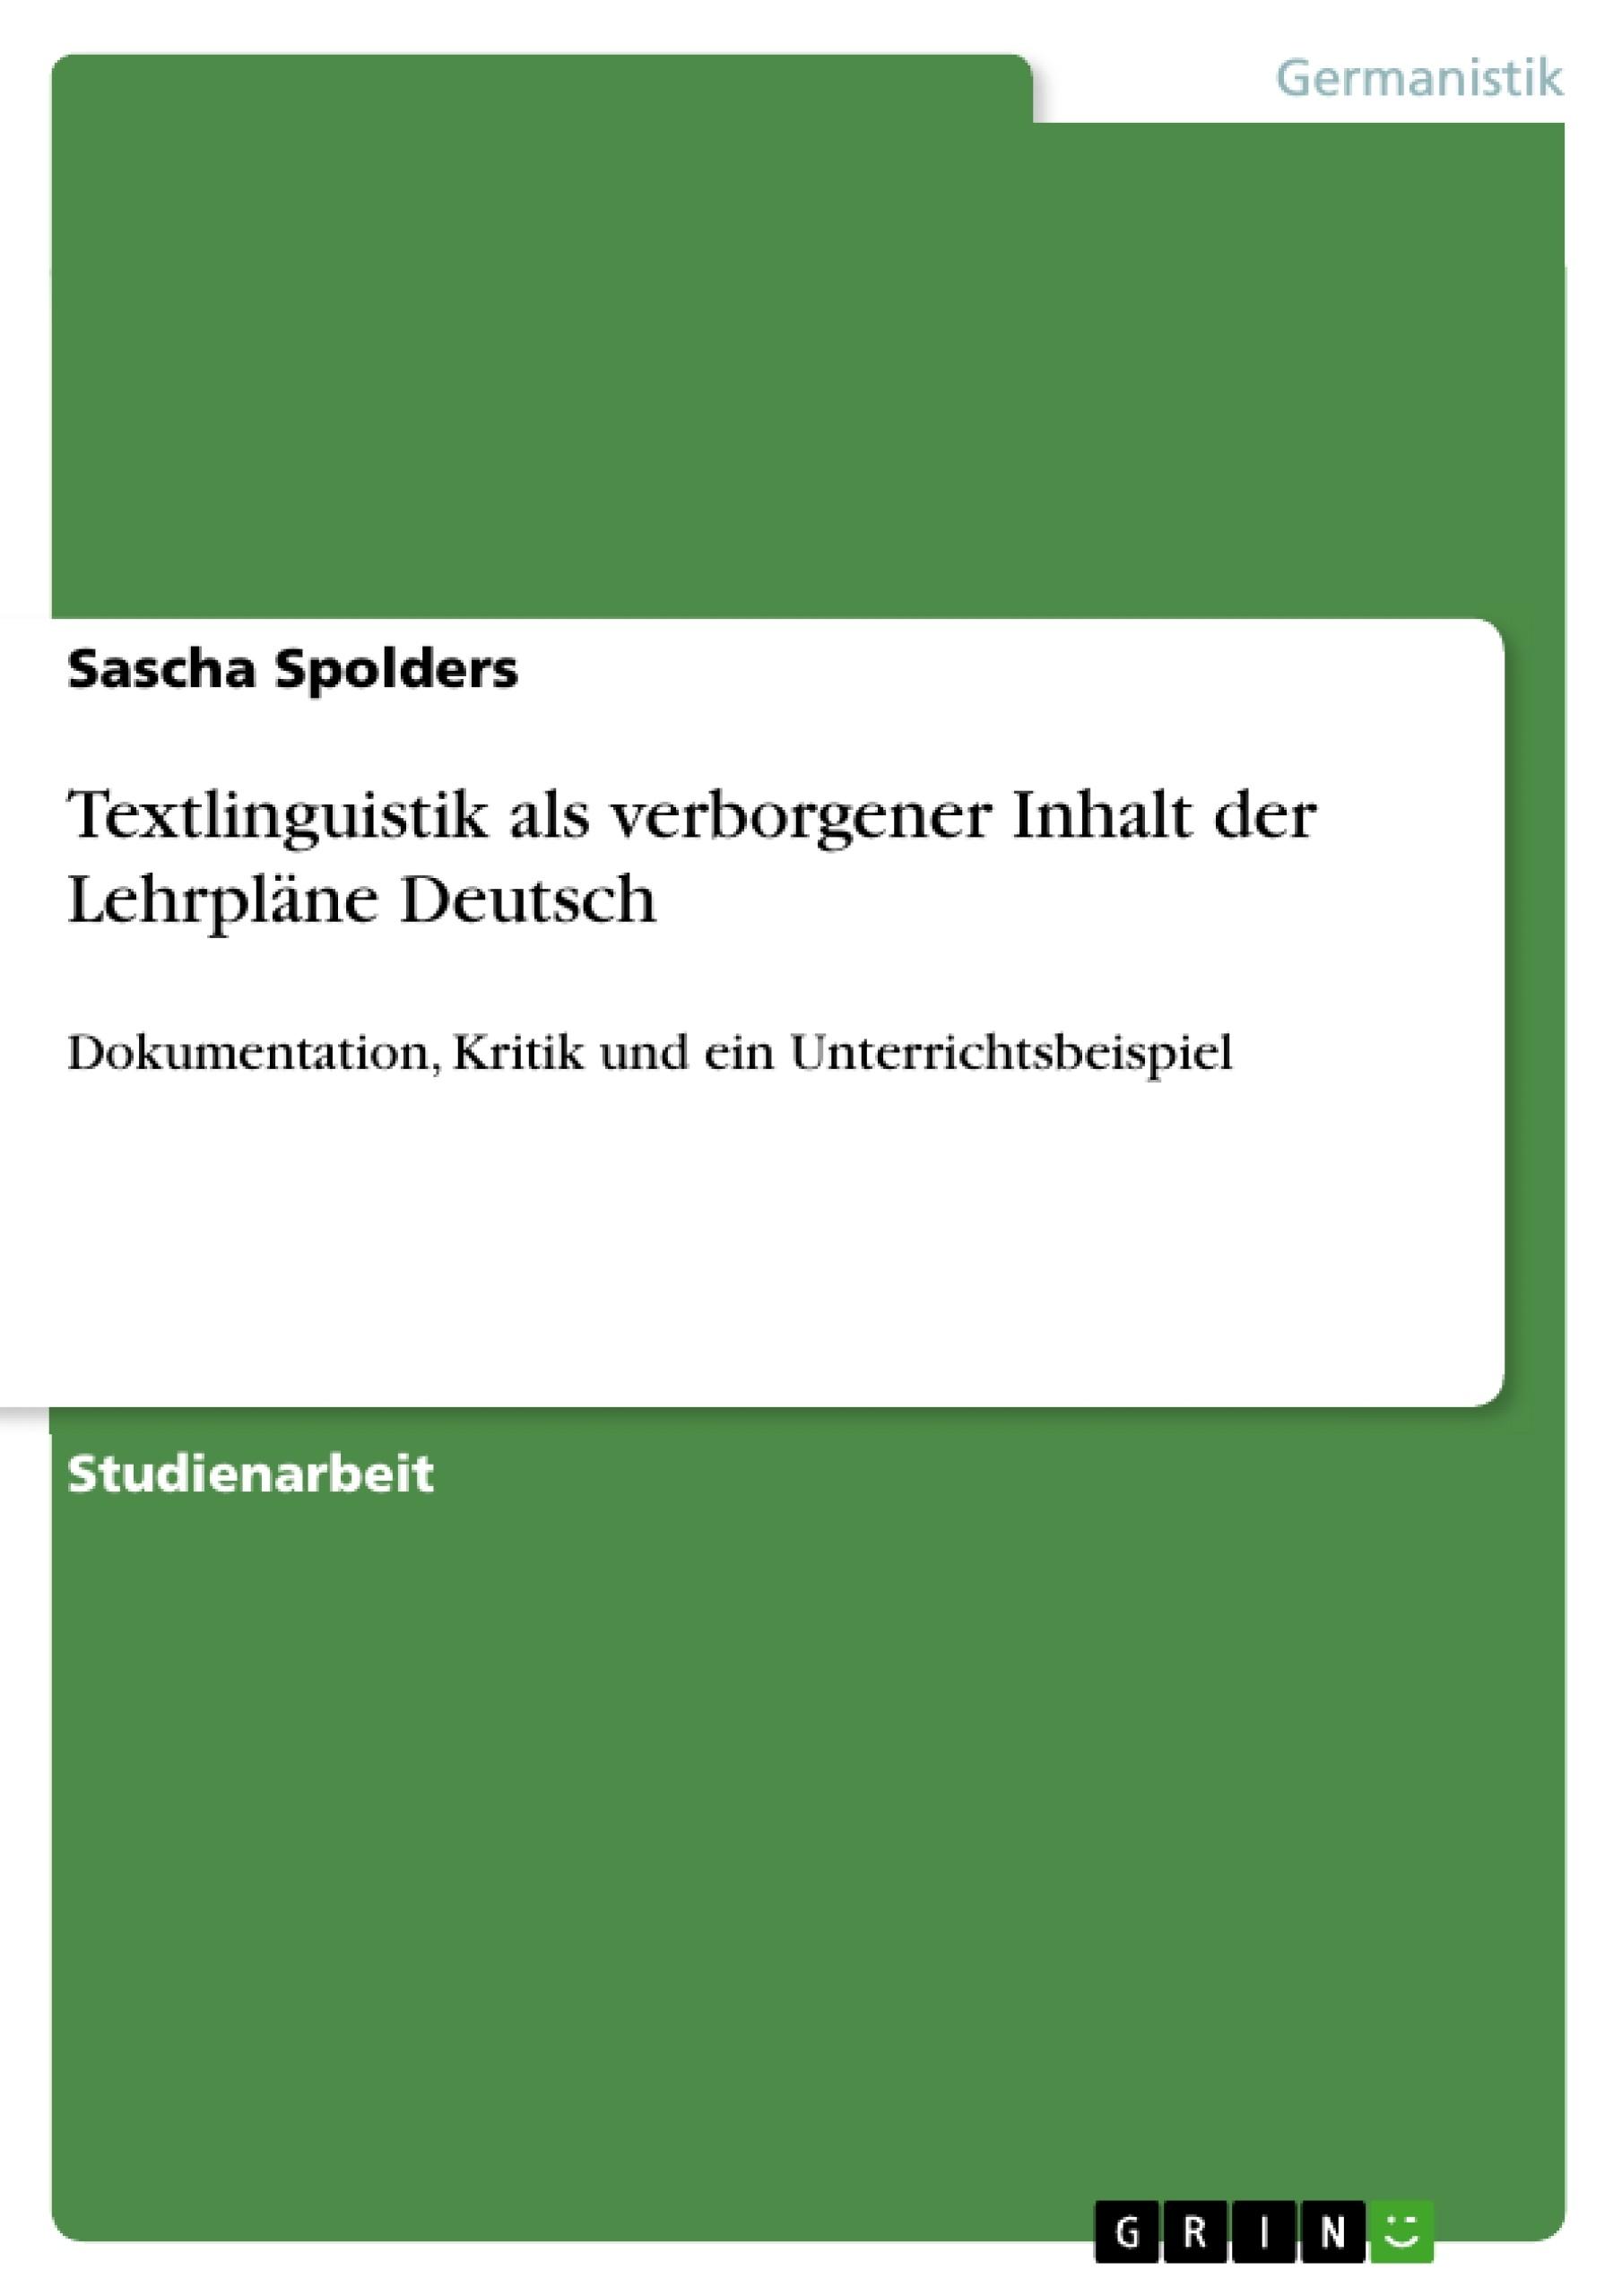 Titel: Textlinguistik als verborgener Inhalt der Lehrpläne Deutsch